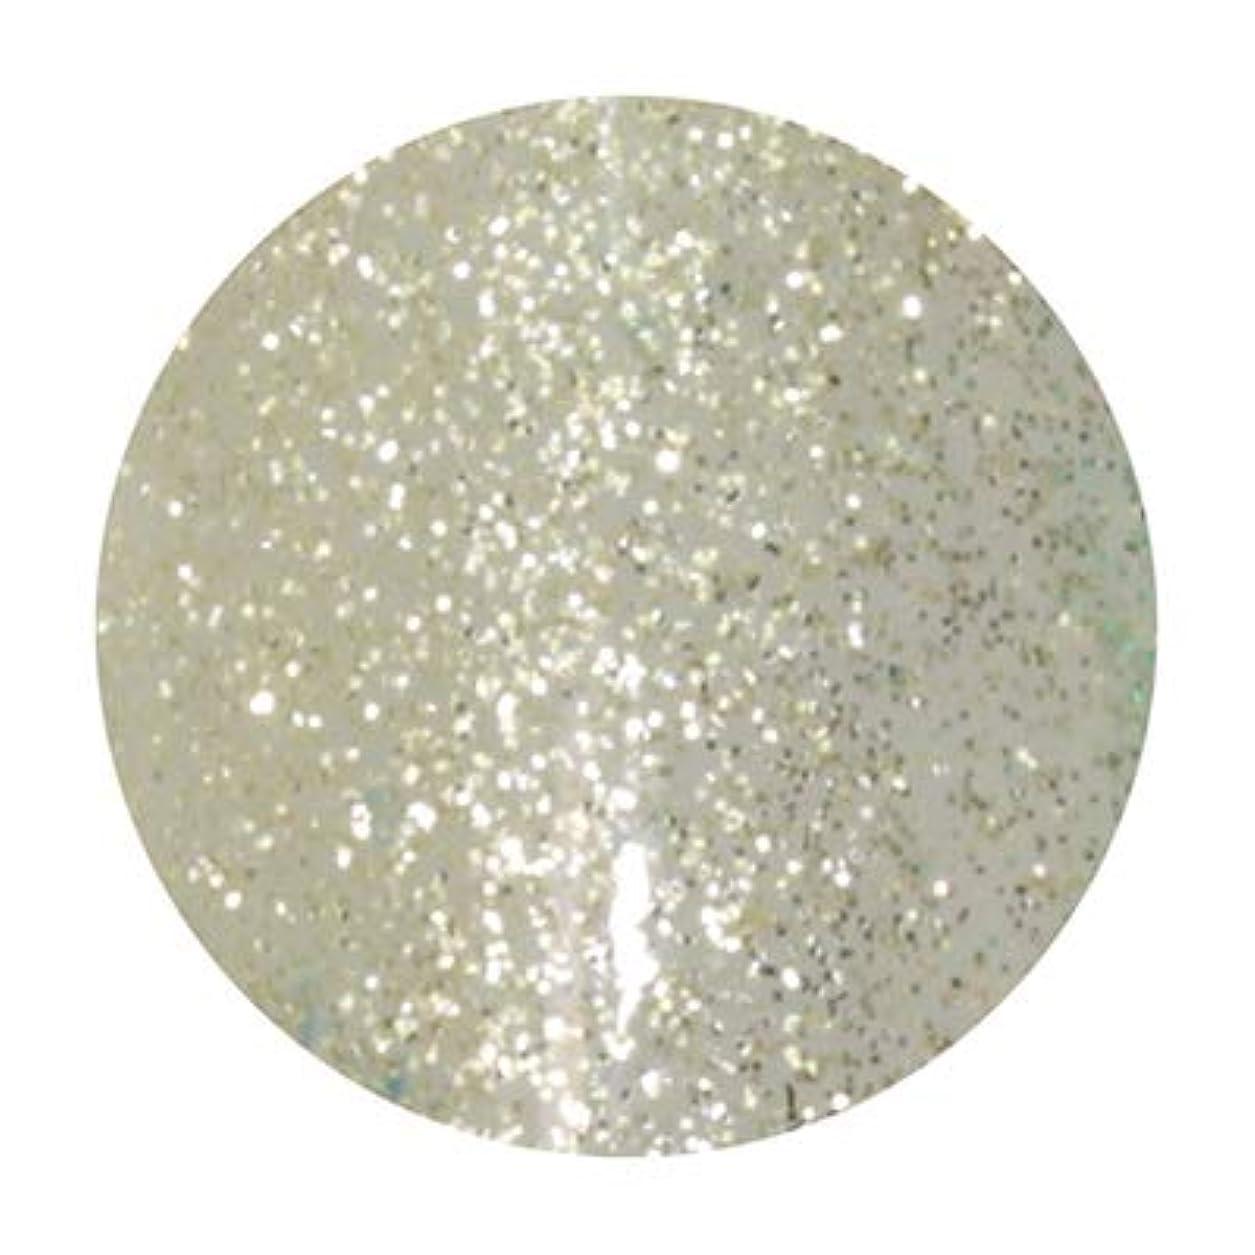 束評論家メトリックT-GEL COLLECTION ティージェル カラージェル D215 Cゴールドシャイン 4ml